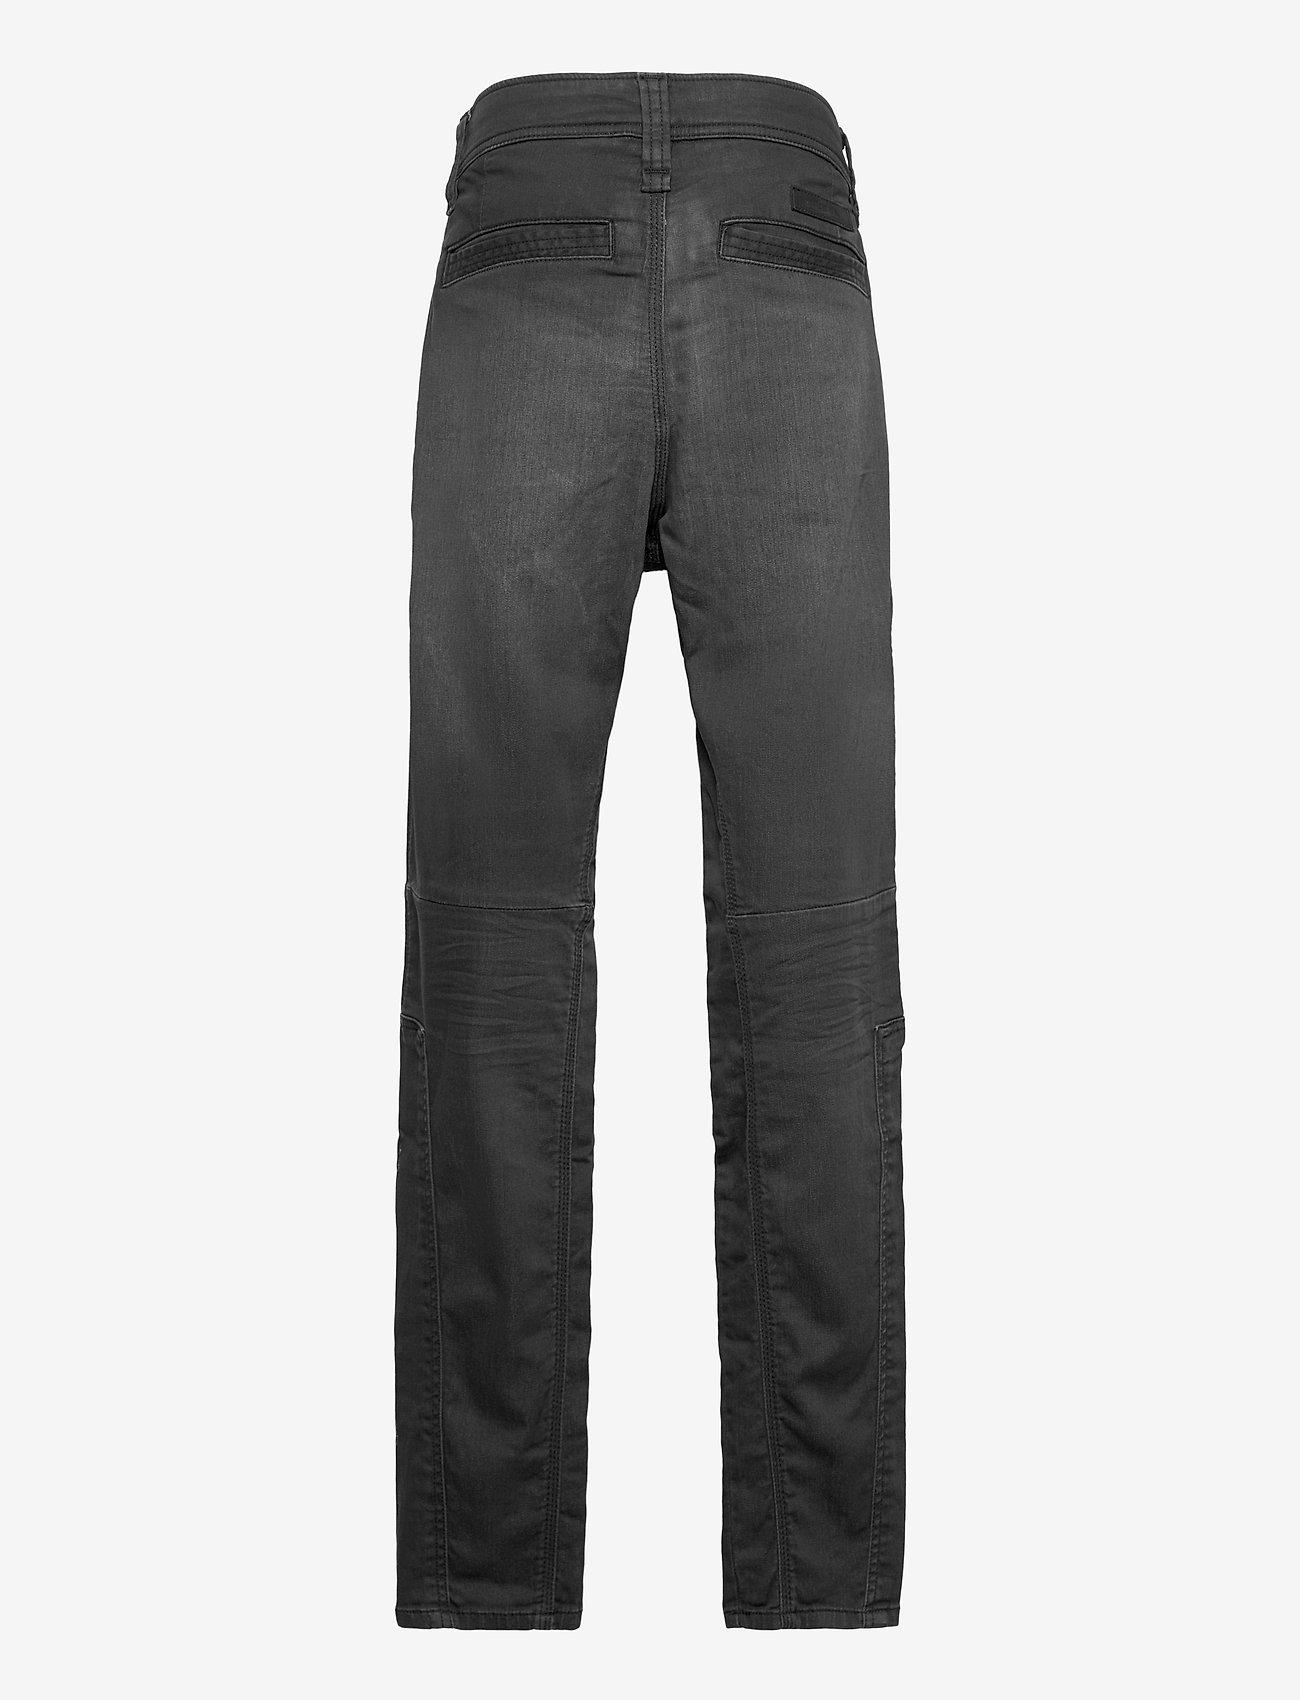 Diesel - D-EARBY-NE-J JJJ TROUSERS - trousers - denim nero - 1